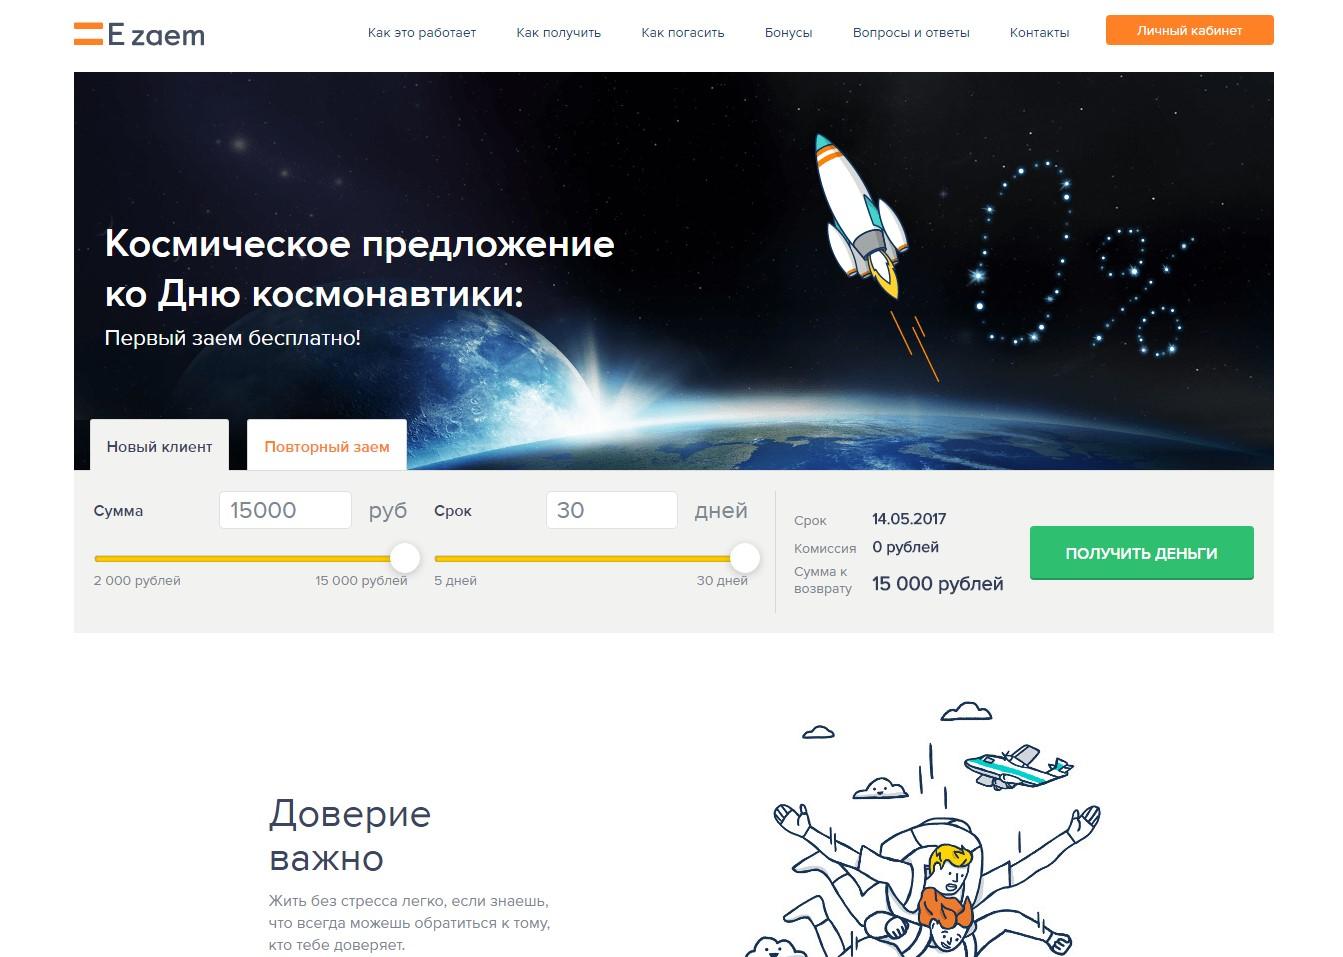 Главная страница сайта Е заем